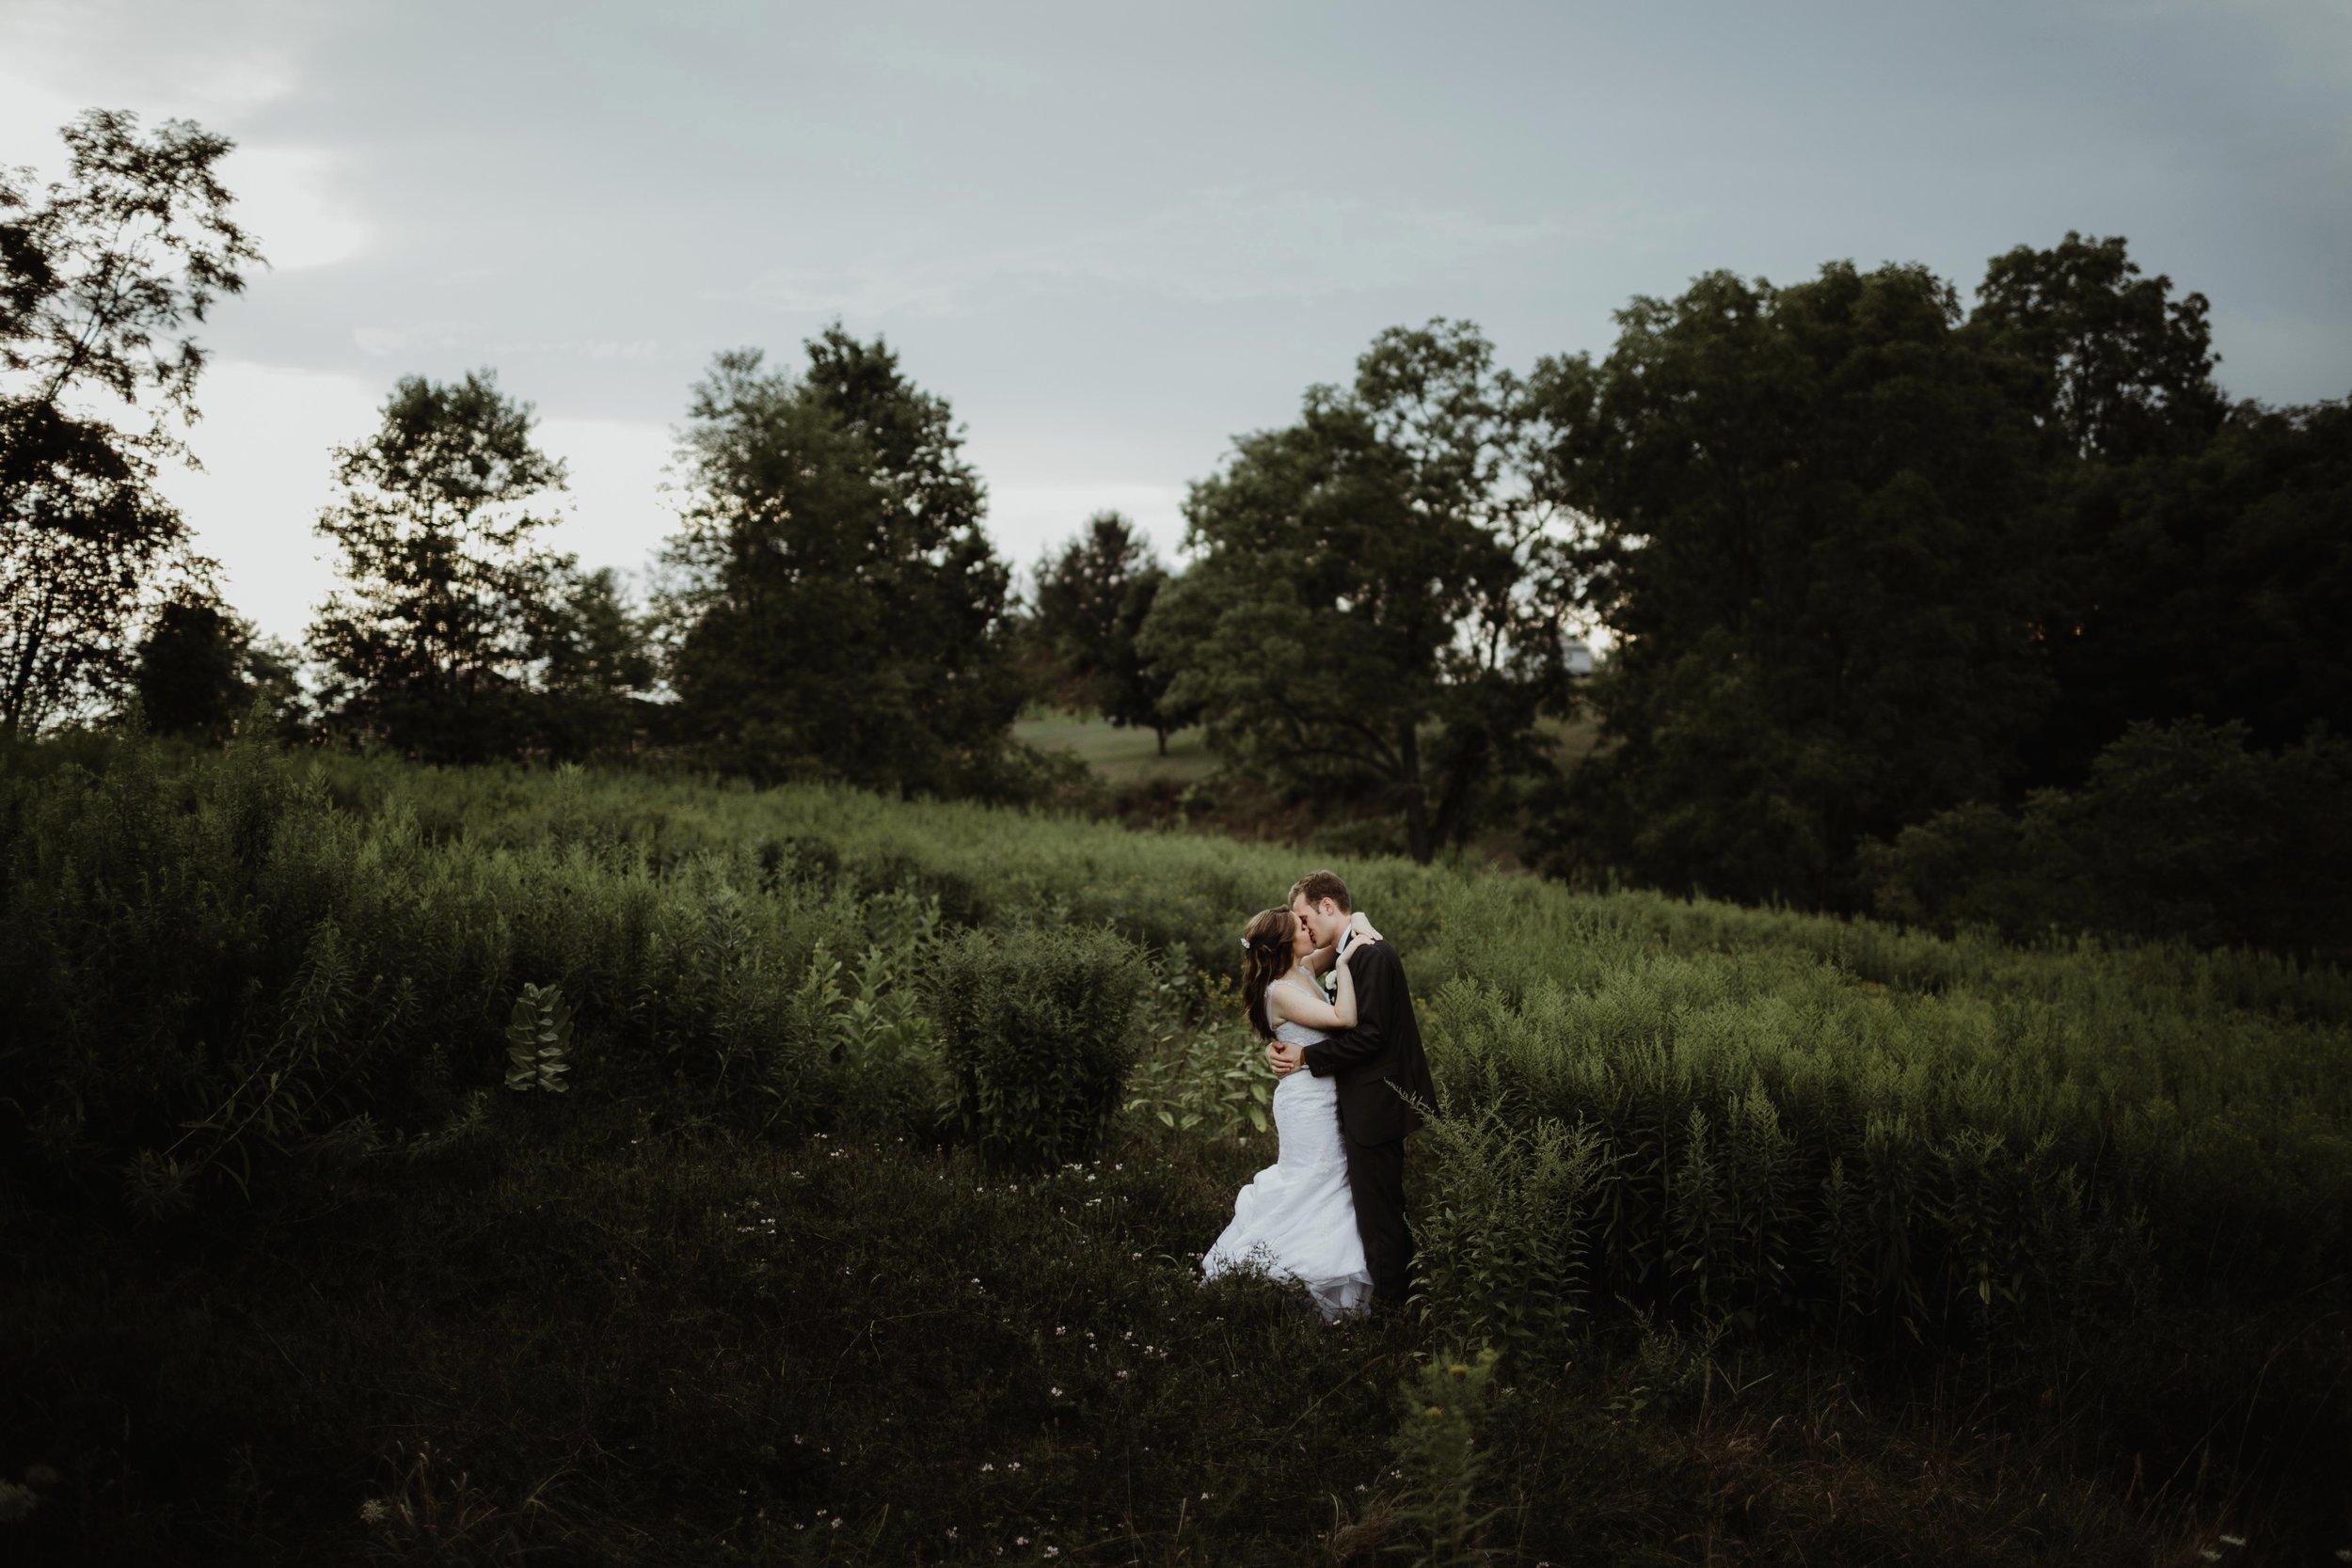 ALICIAandPETER-bridegroom (212 of 254).jpg